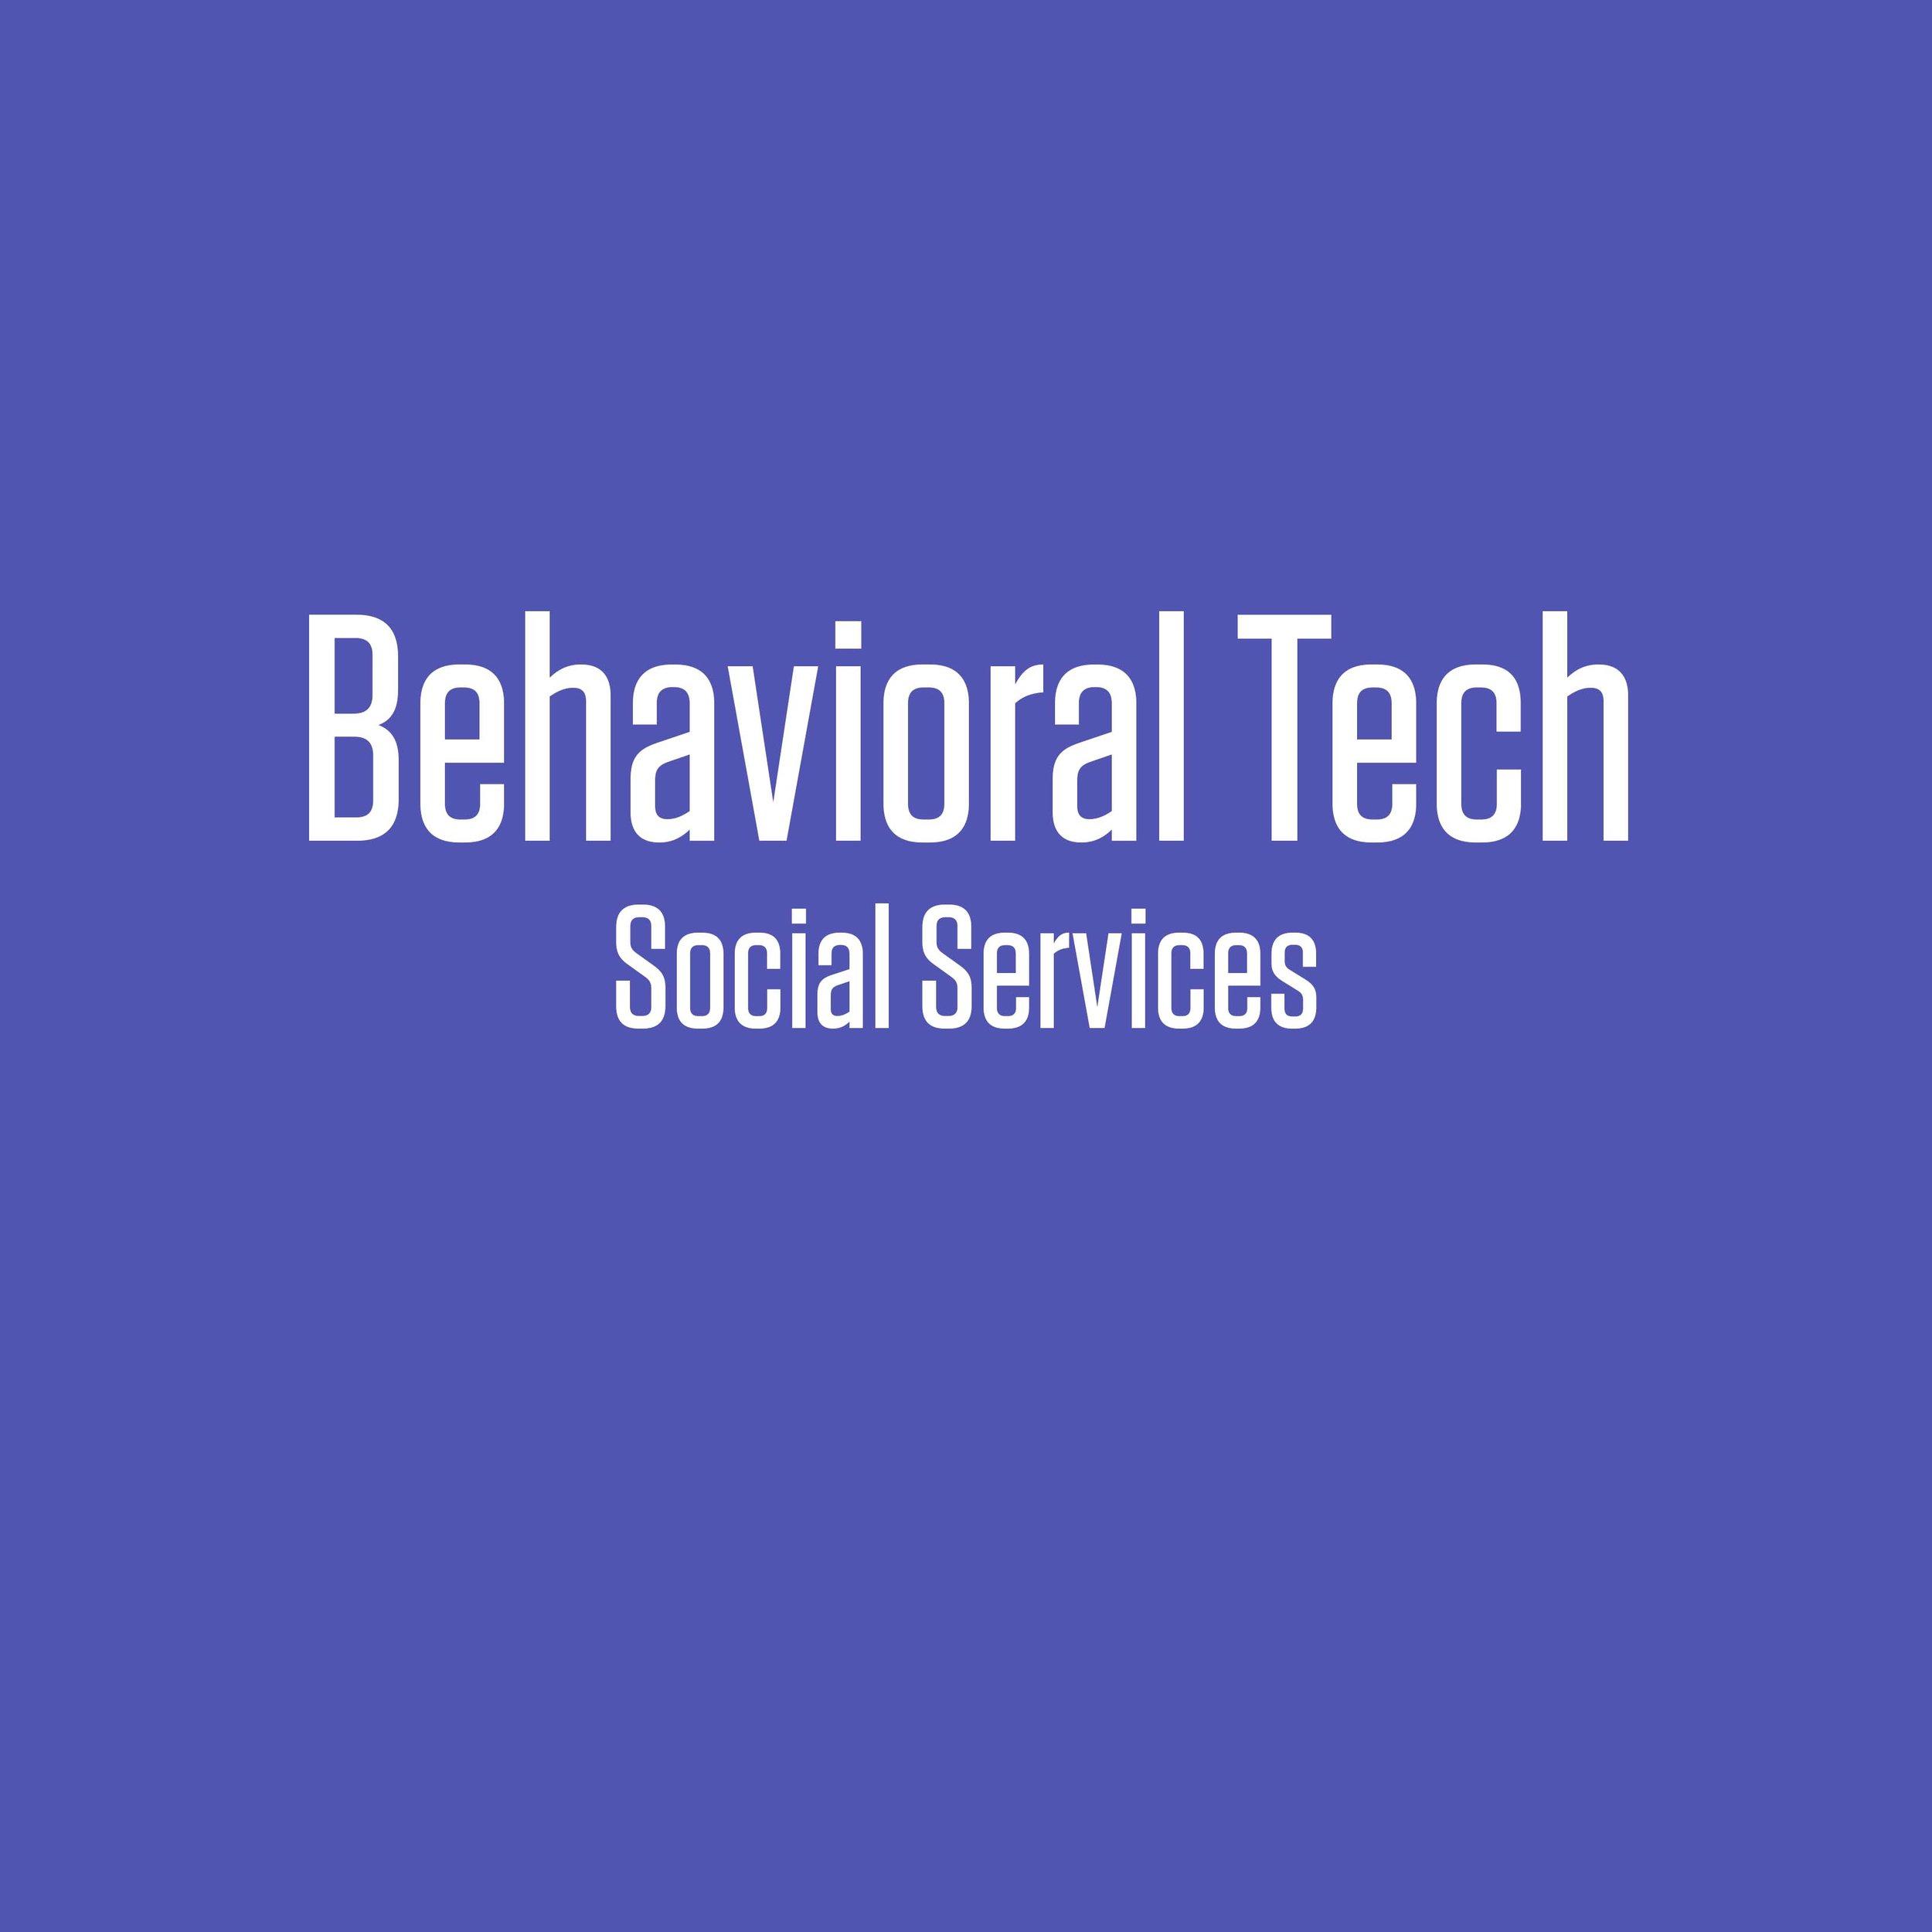 behavioral tech.jpg